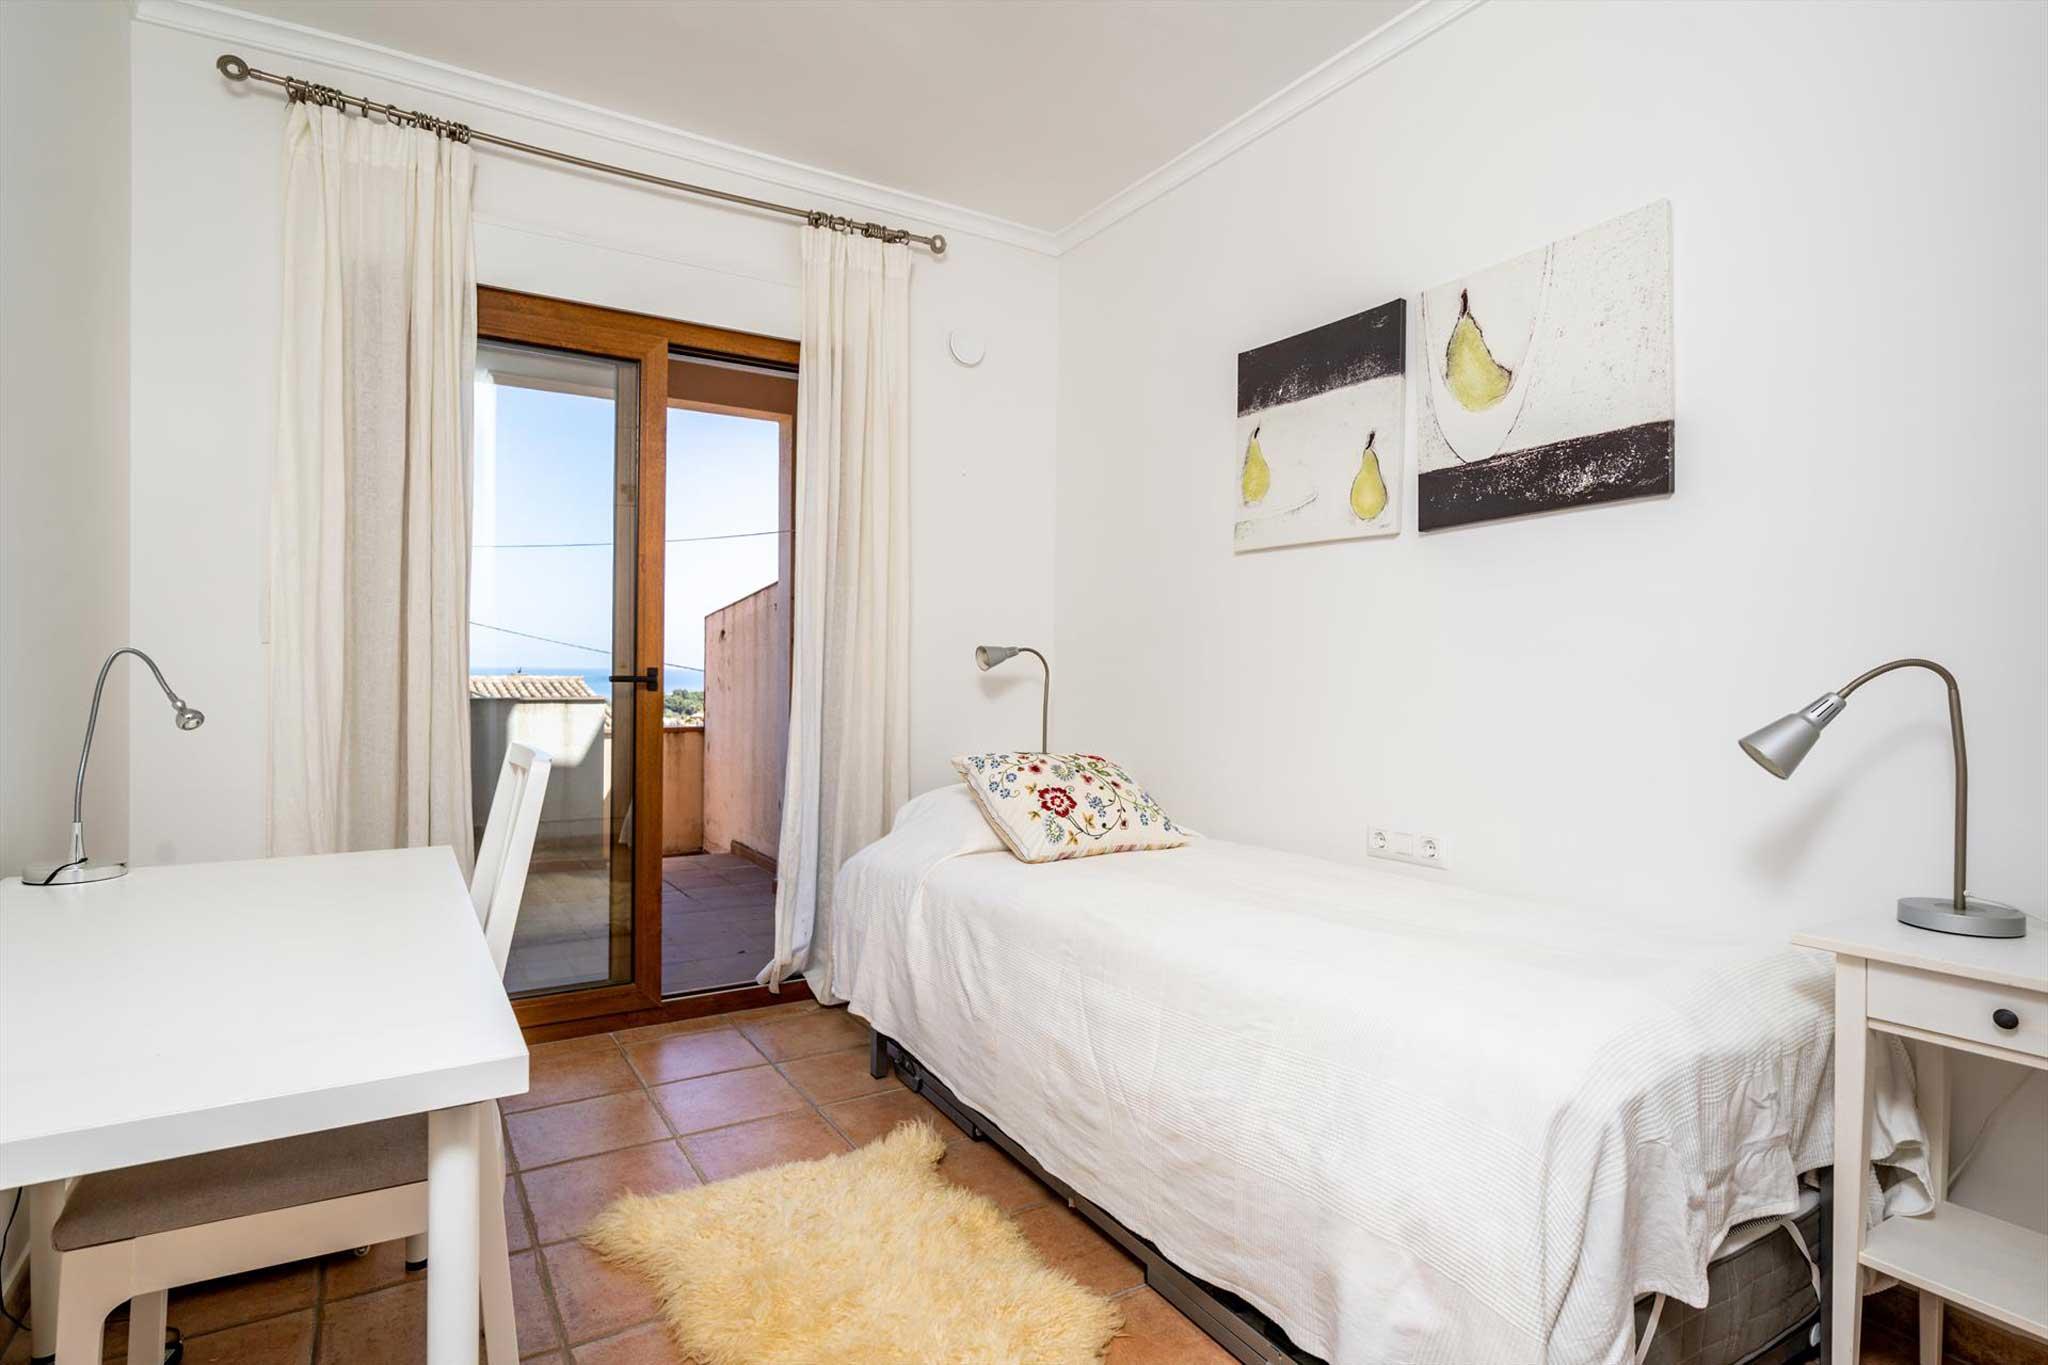 Casa vacacional en Denia – Quality Rent a Villa